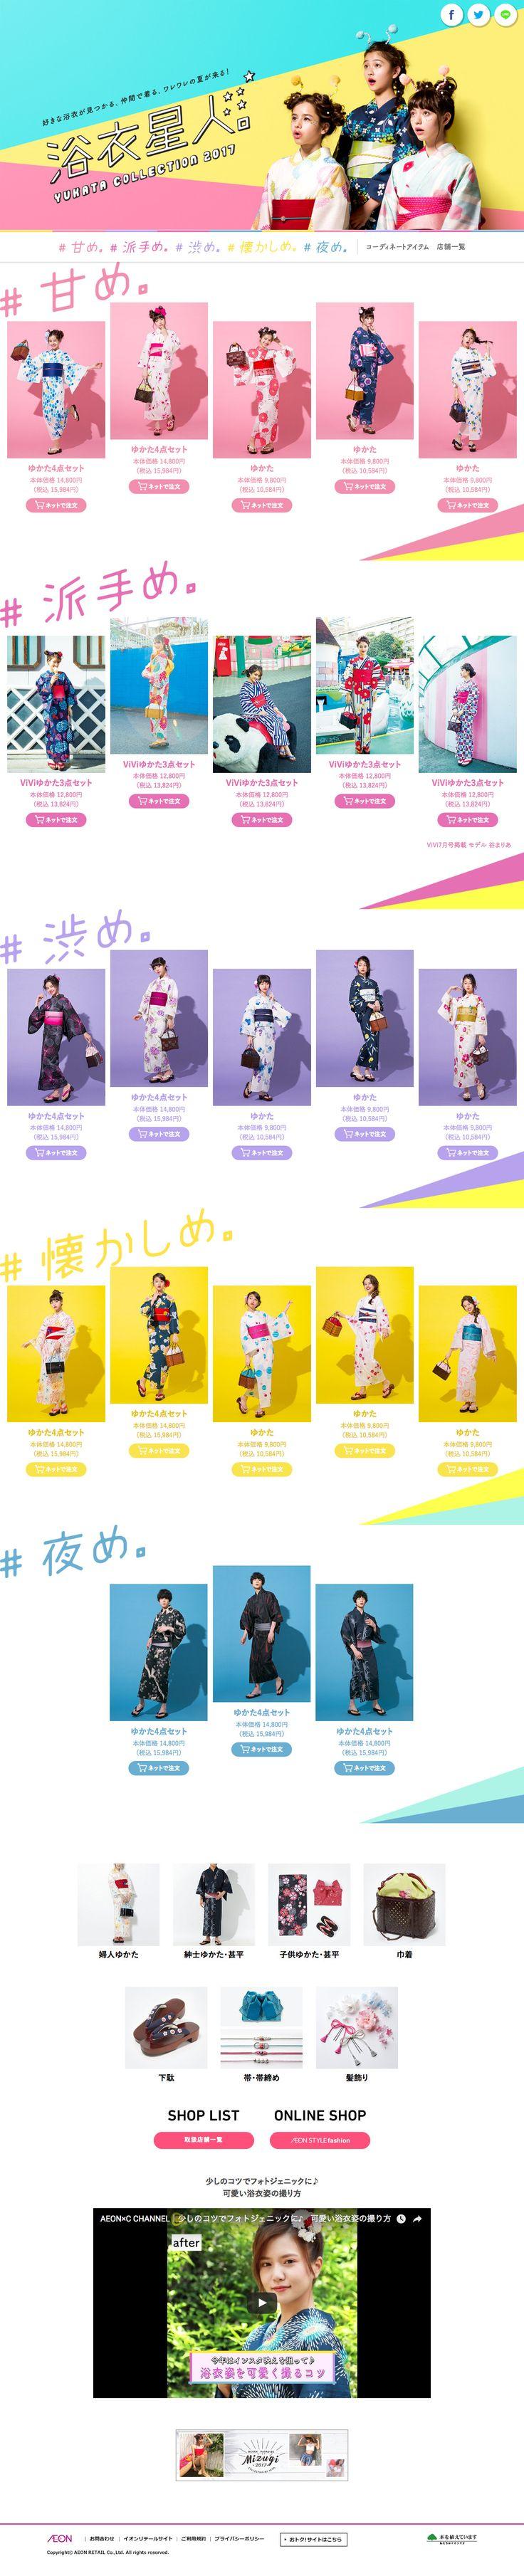 イオンのゆかた イオンリテール株式会社 http://fashion.aeonsquare.net/yukata/